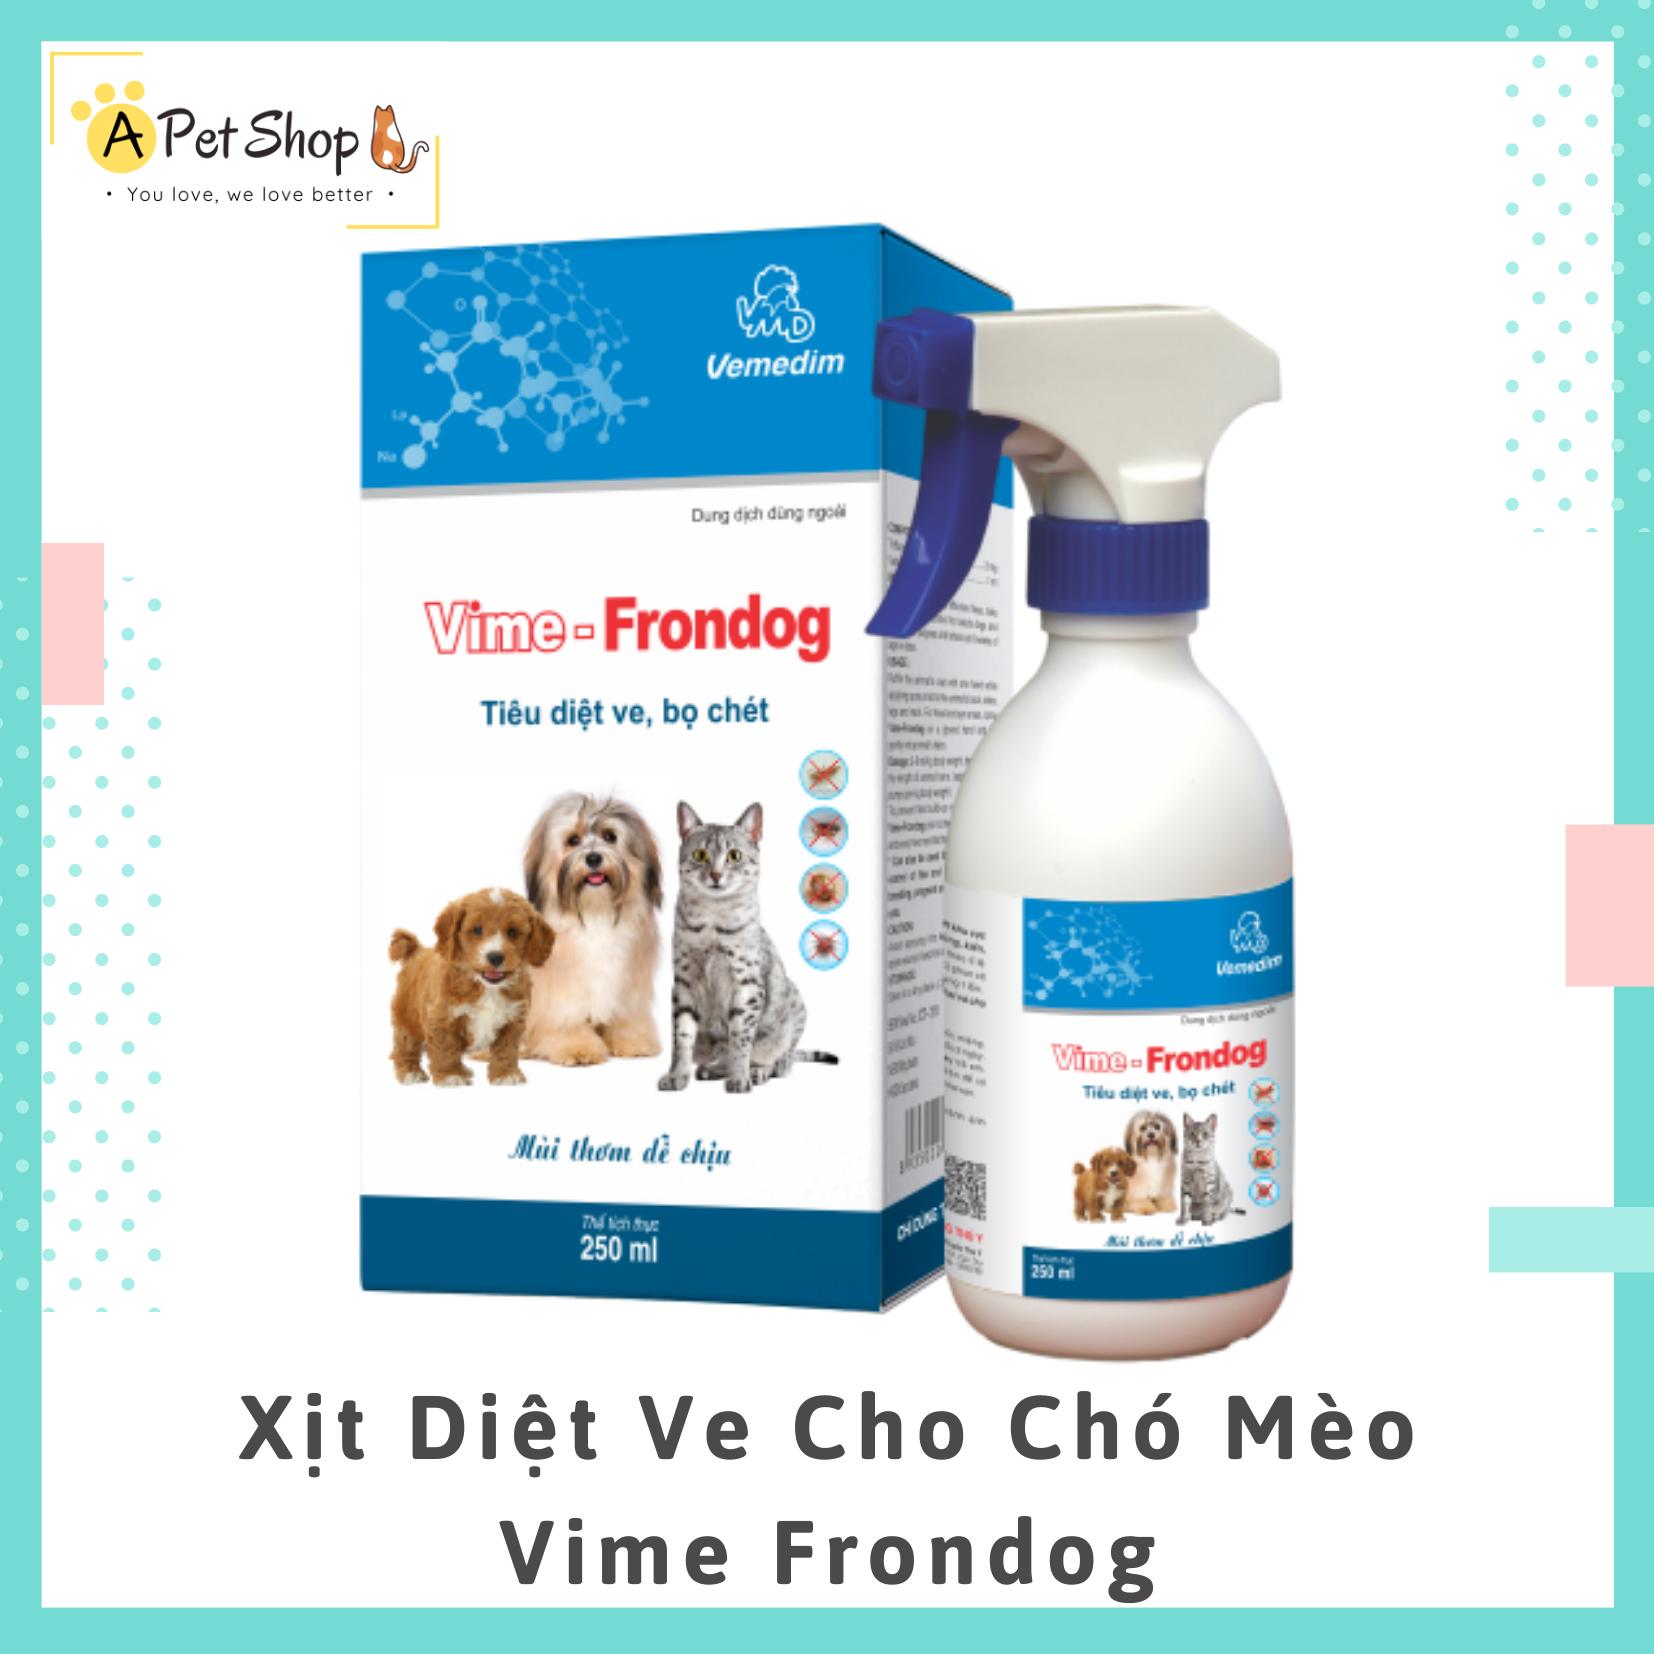 (Mẫu Mới 2020) Vime Frondog Tiêu Diệt Ve, Bọ Chét Ở Chó, Mèo Chai 250ml Với Giá Sốc